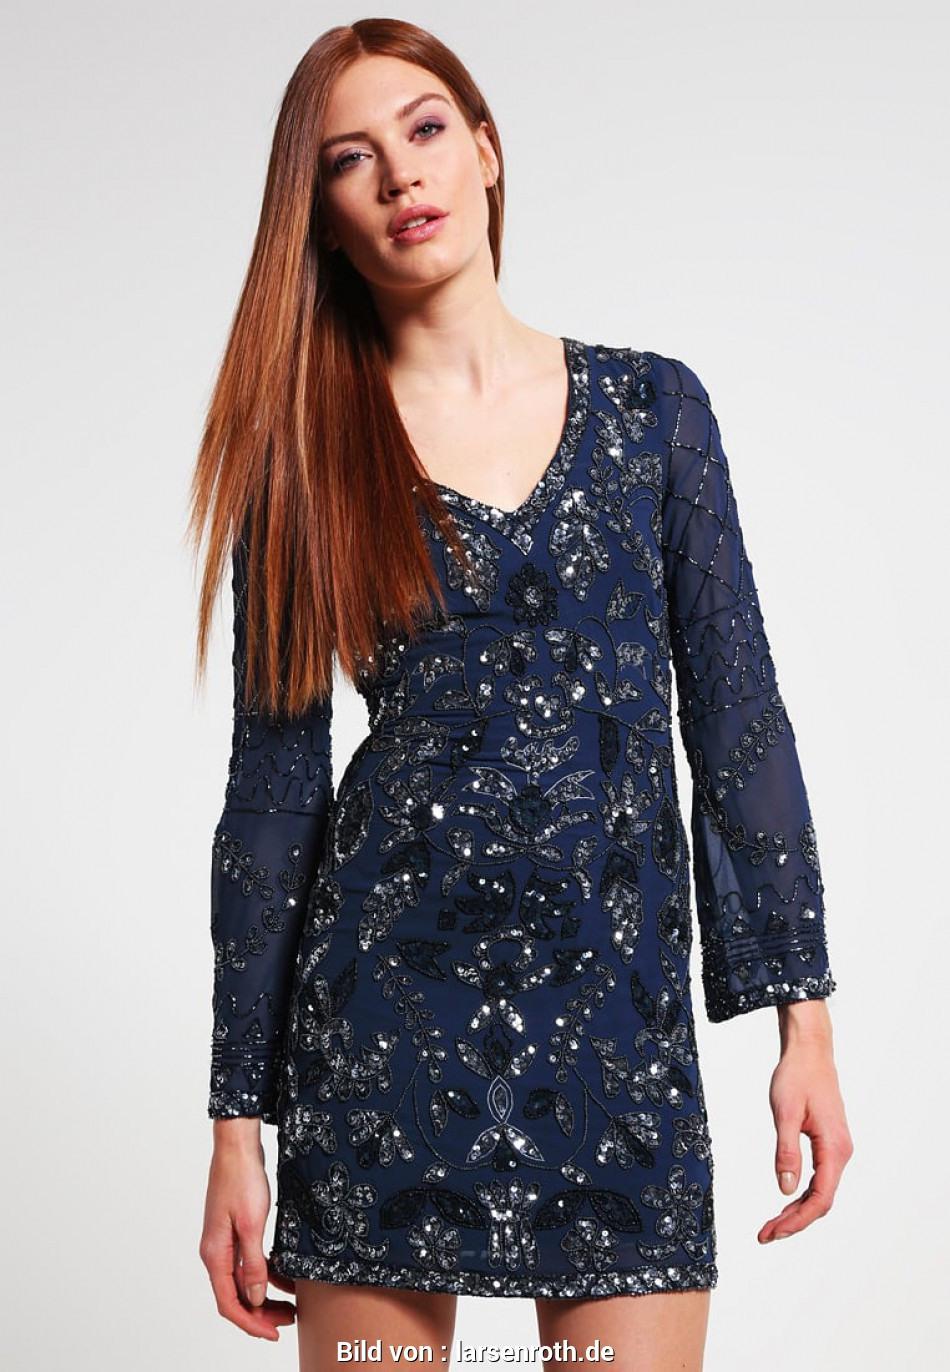 13 Spektakulär Abendkleider Bei Zara DesignAbend Luxurius Abendkleider Bei Zara Vertrieb